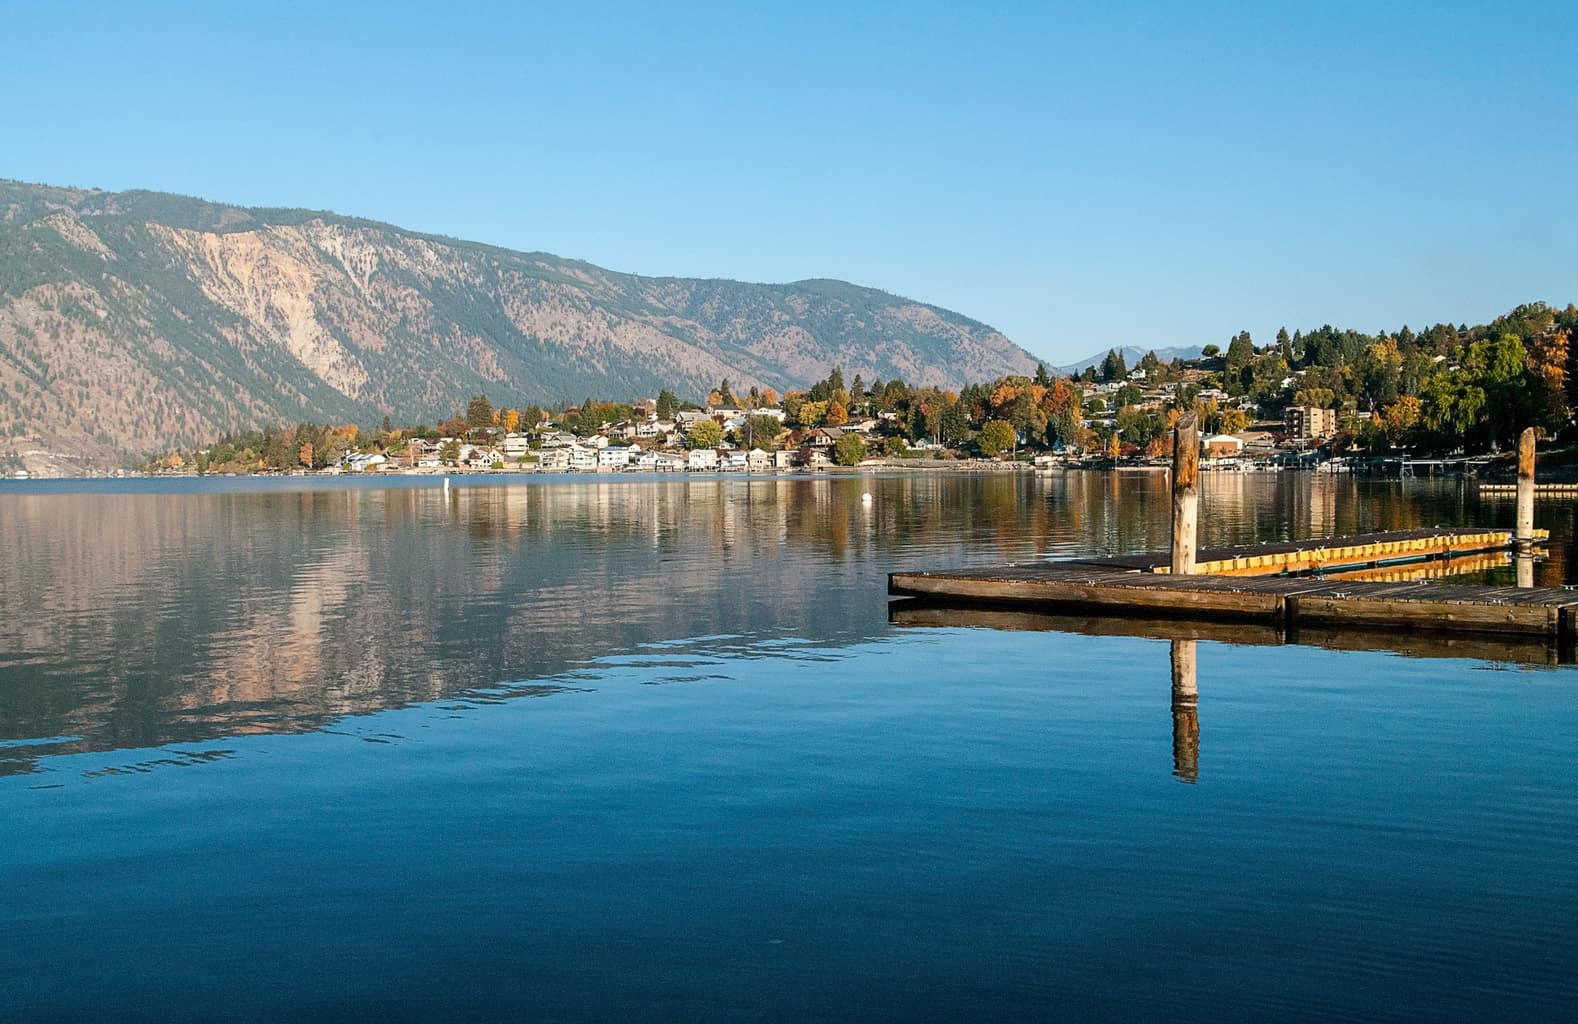 boat docks at lake chelan, one of washington state's best fishing lakes.